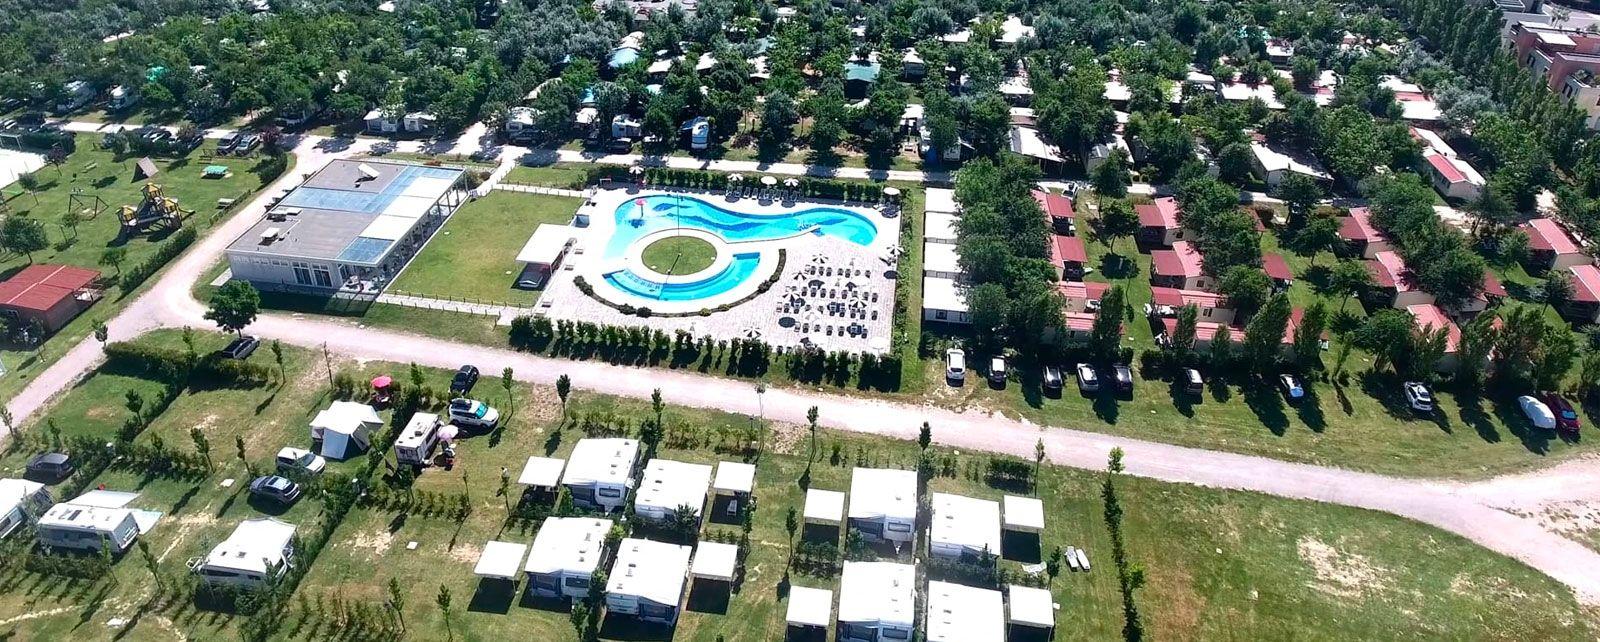 Camping Villaggio Adria - Casalborsetti